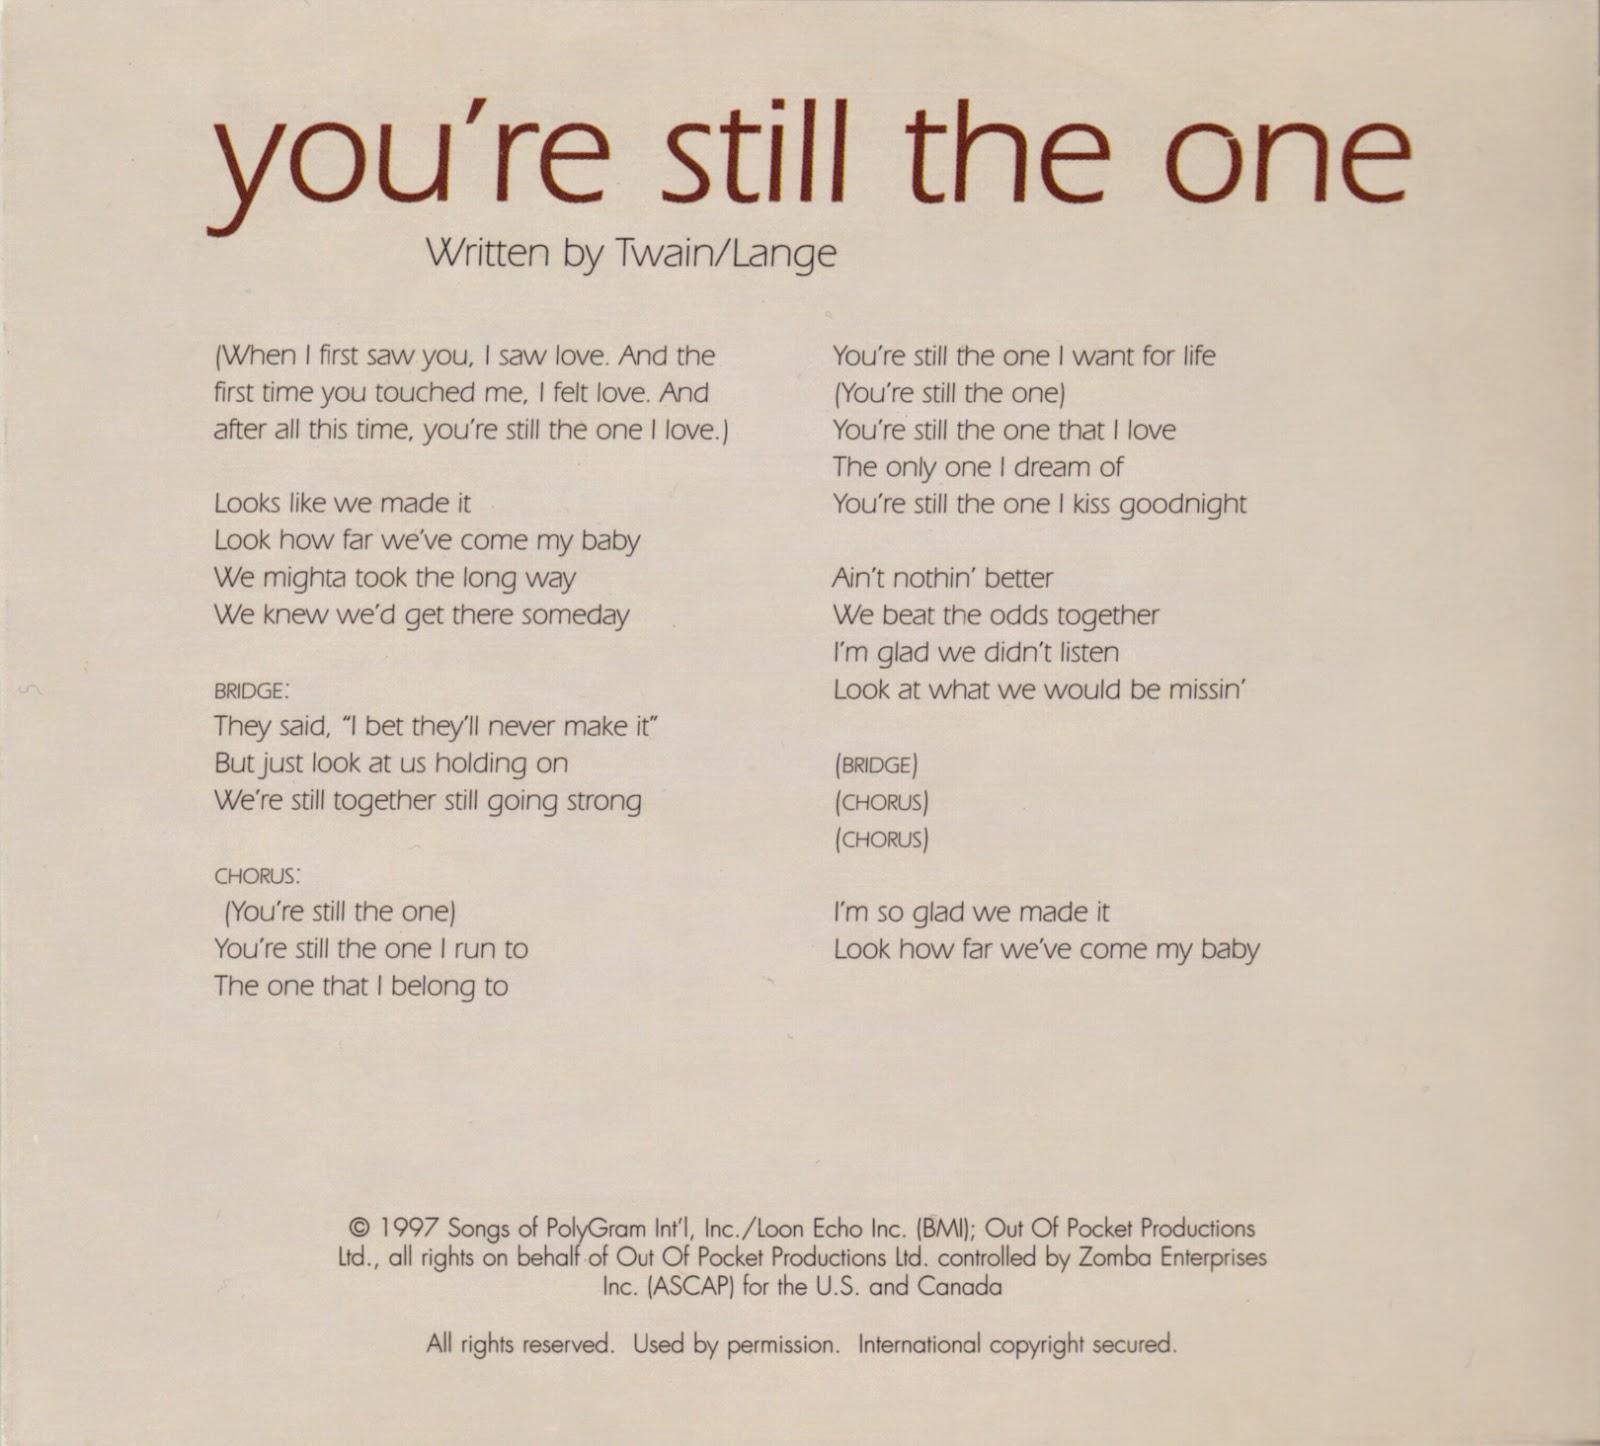 You're Still the One - Shania Twain (Lyrics) - YouTube